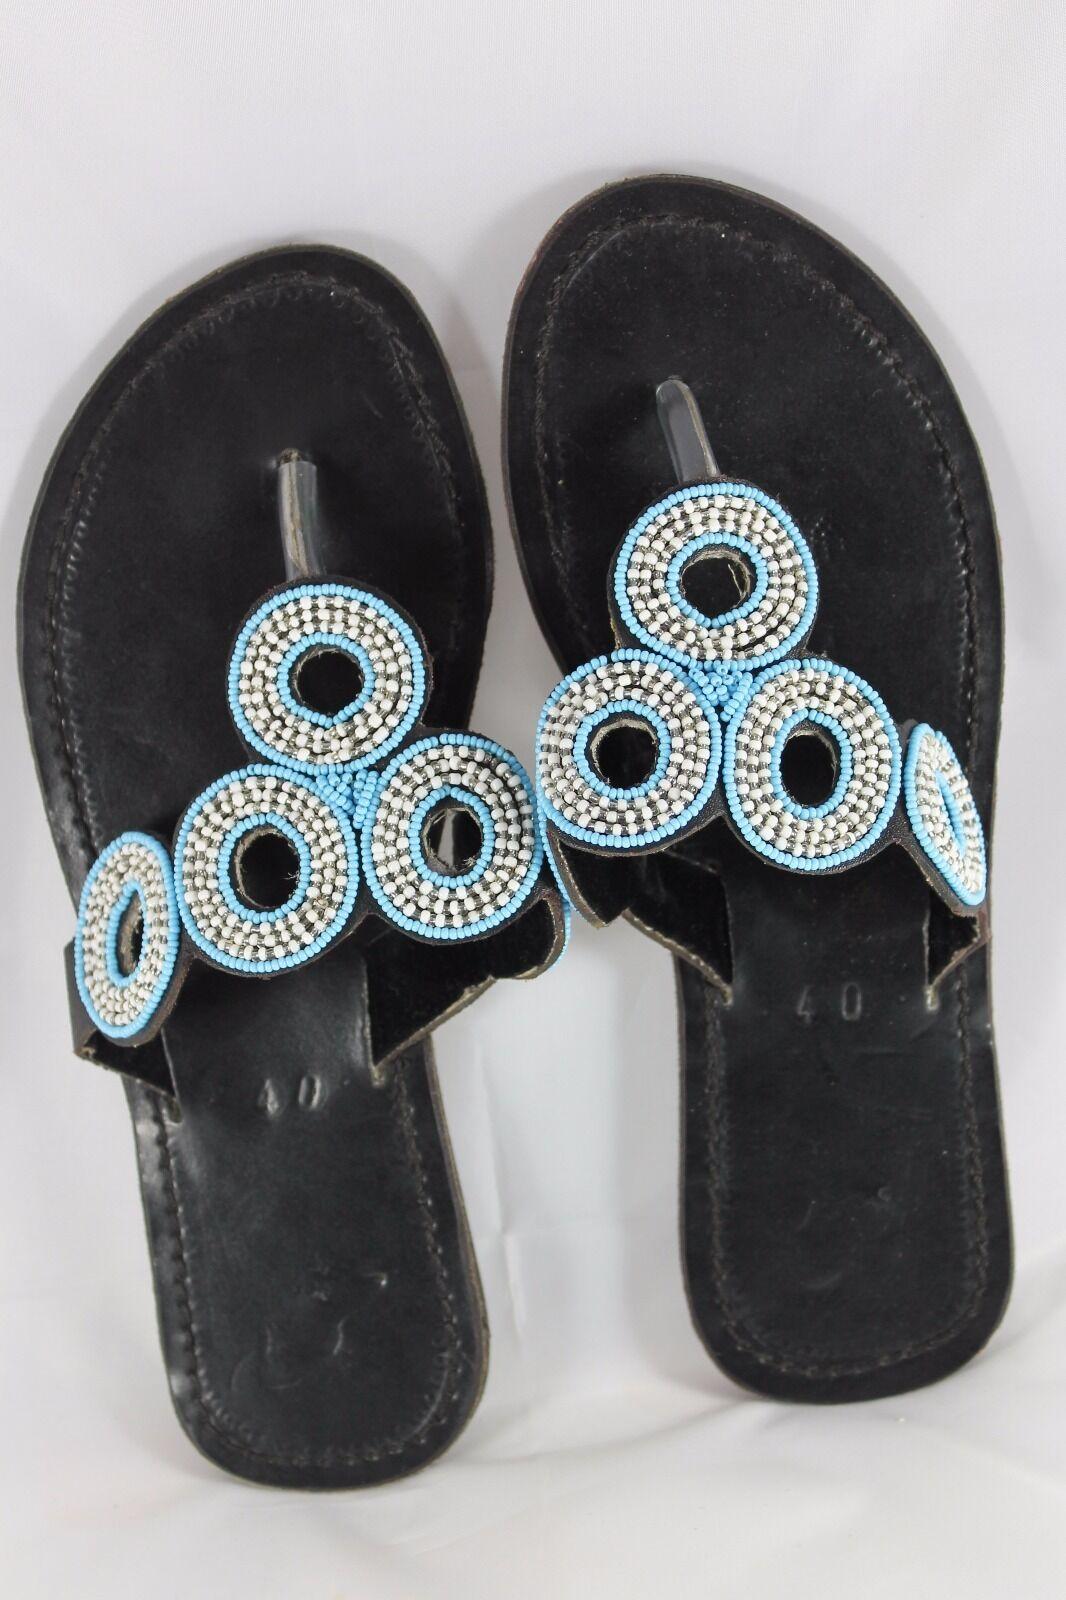 Sandali splendidi realizzati a mano Big o sandali in pelle con perline SPEDIZIONE GRATUITA